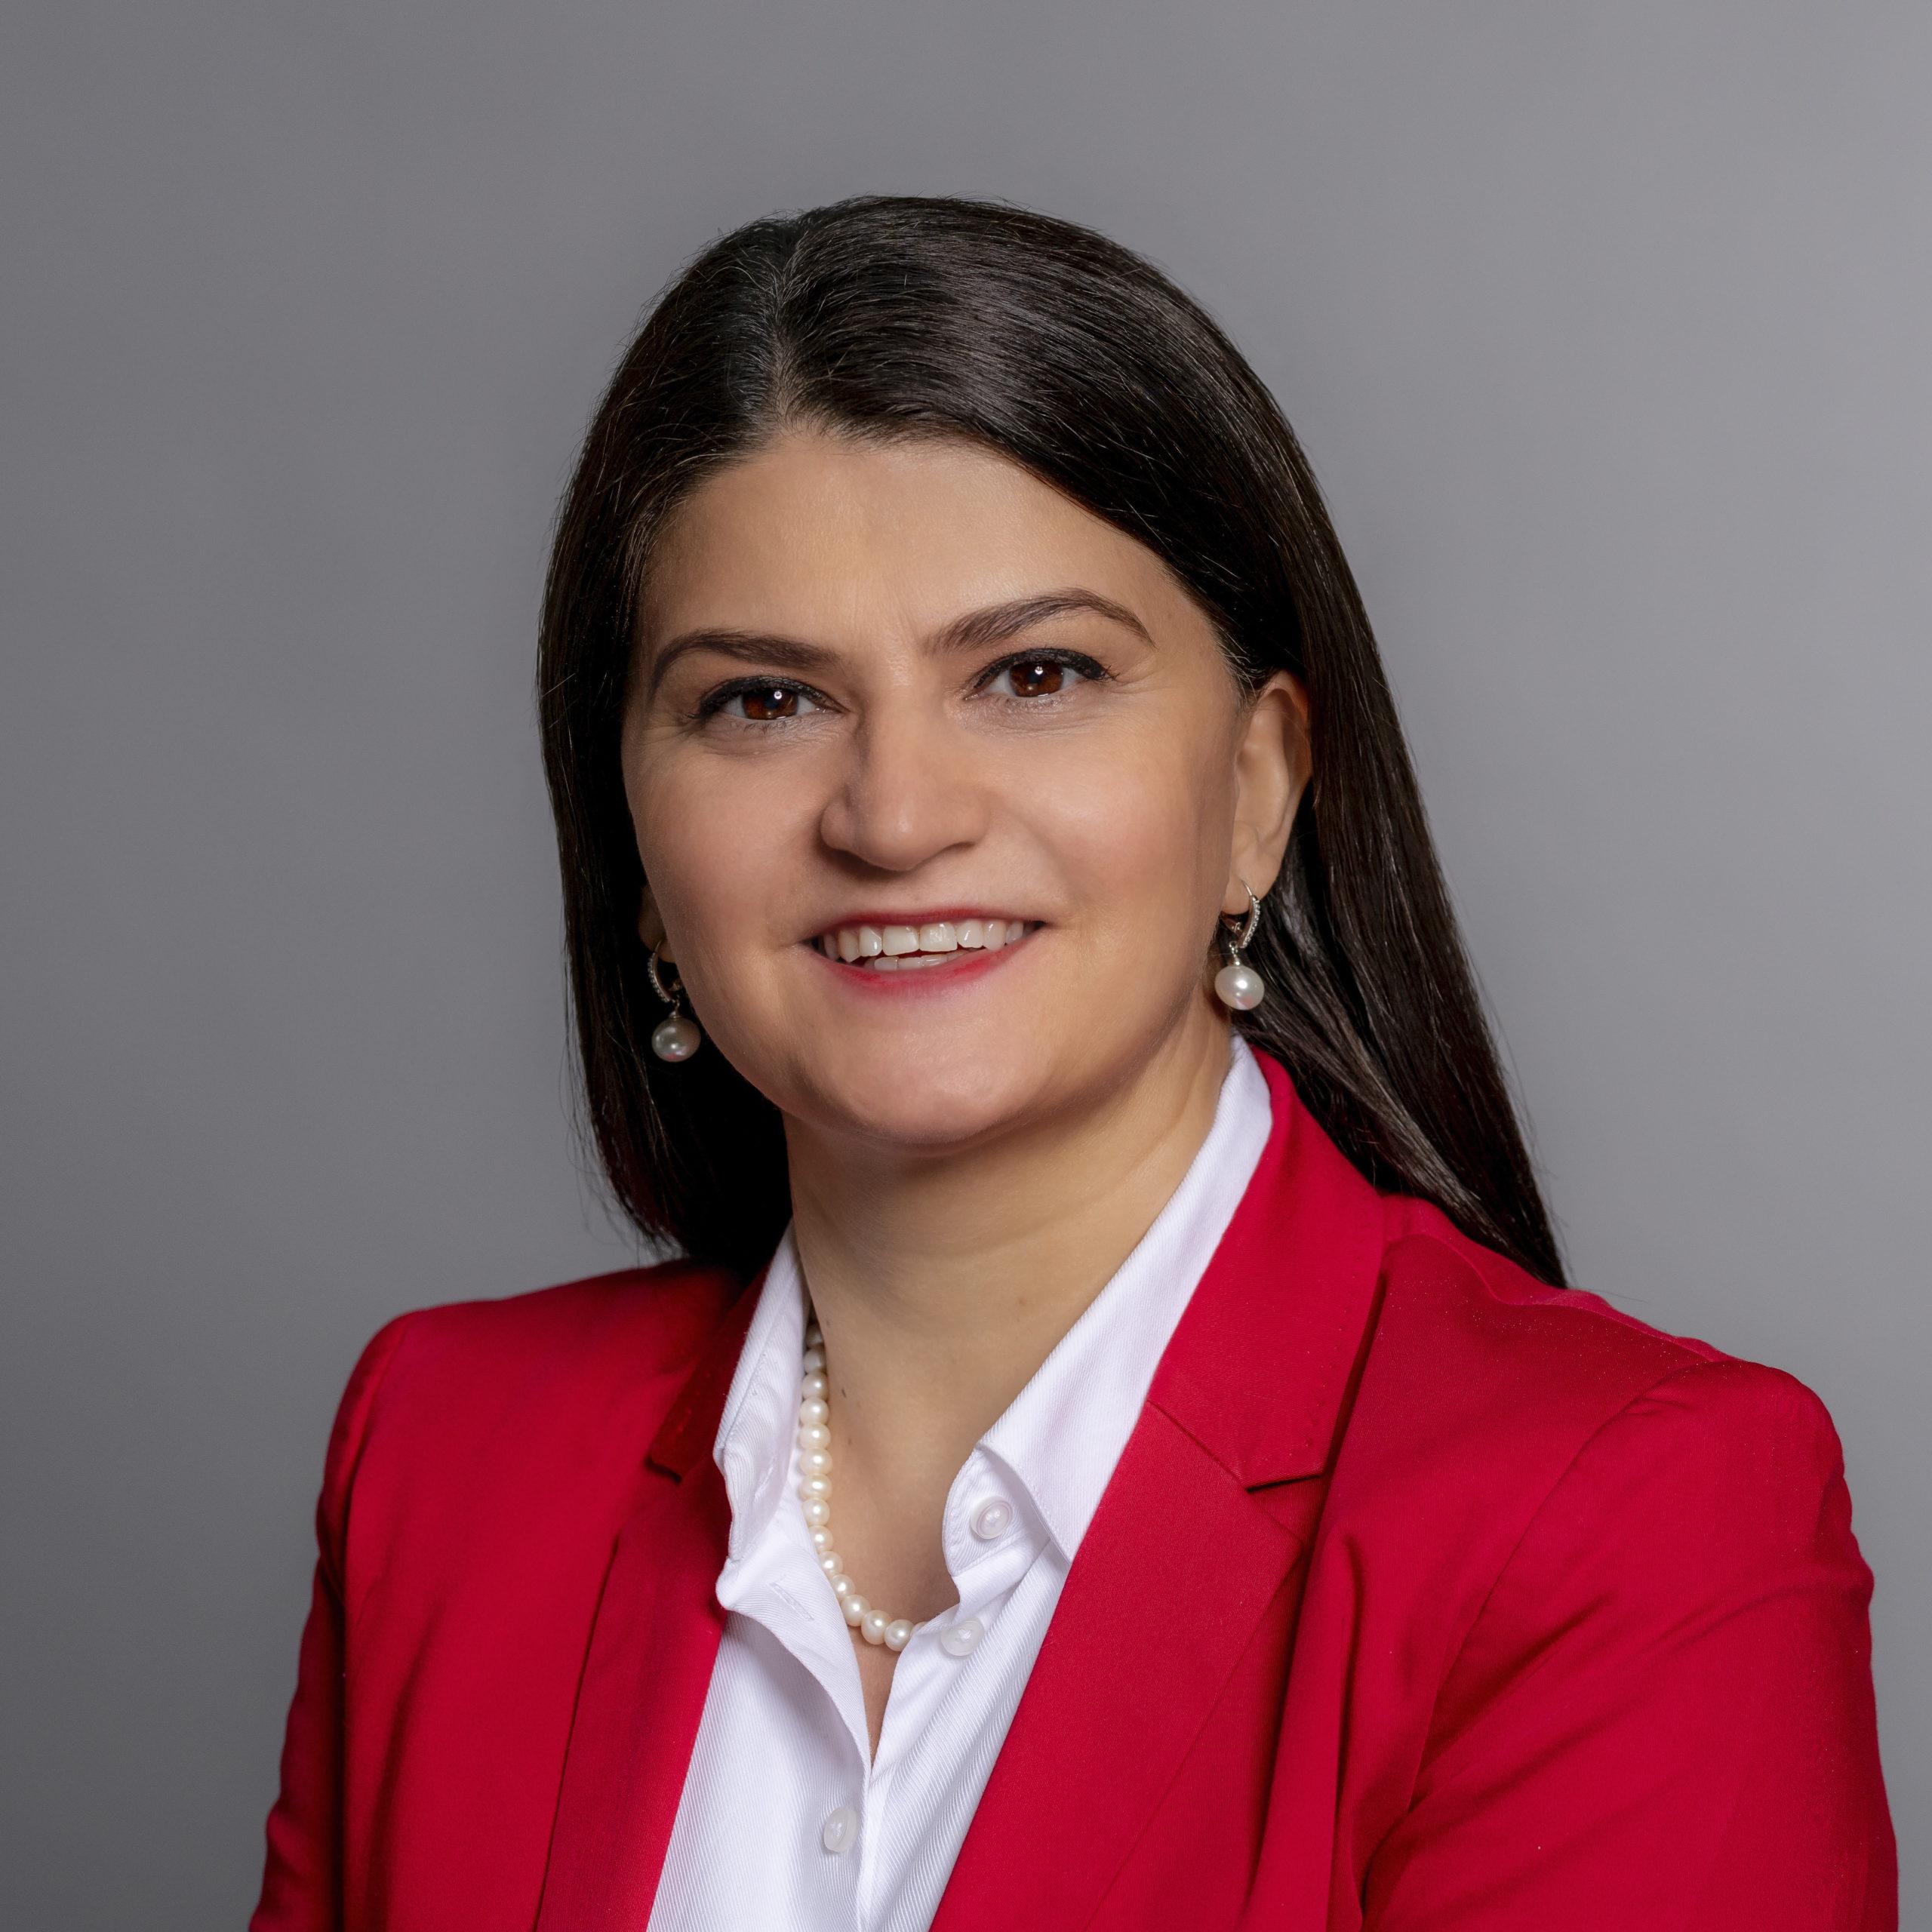 Dr. Petruta Tatulescu